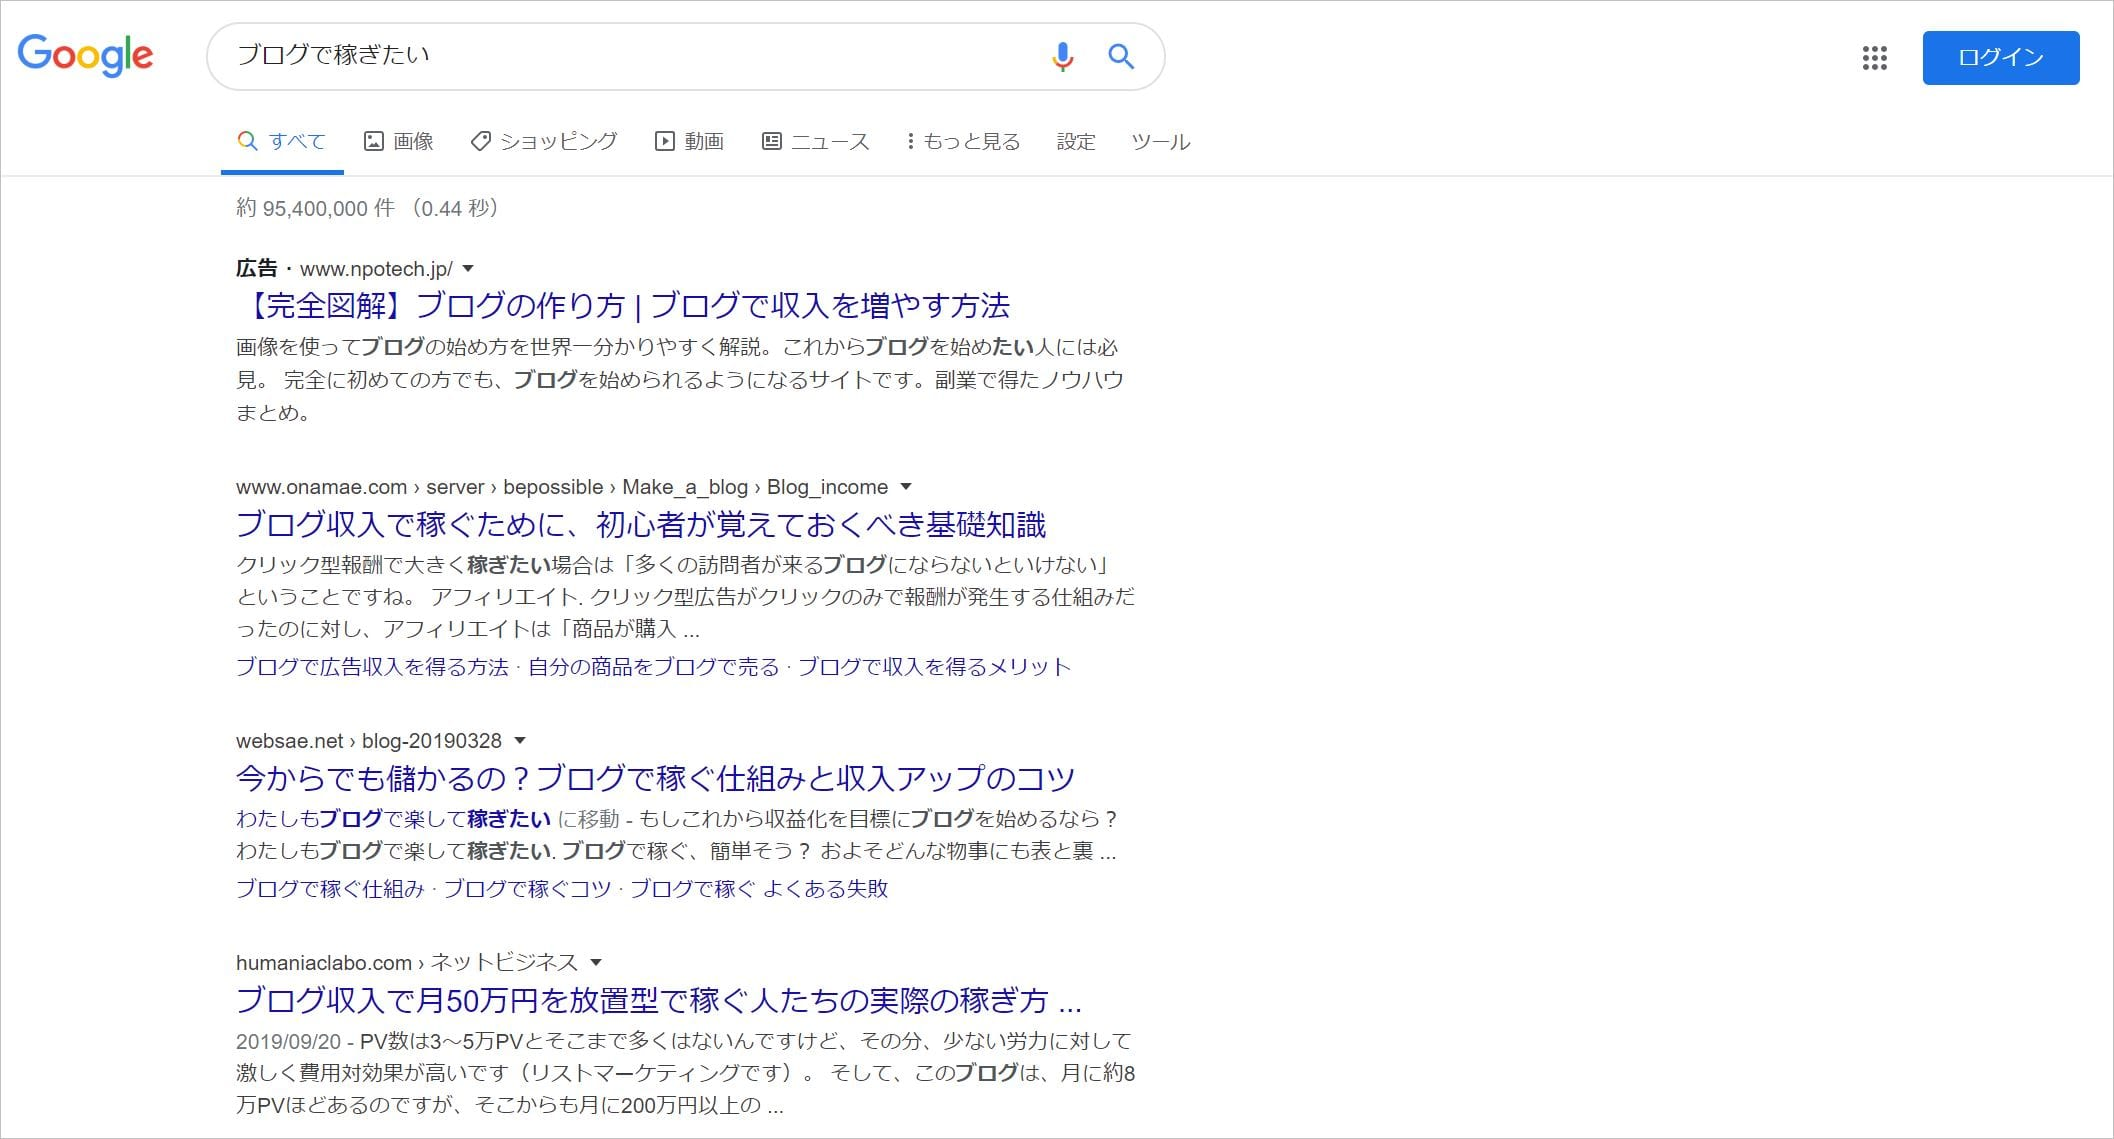 「ブログで稼ぎたい」でGoogle検索したときの結果